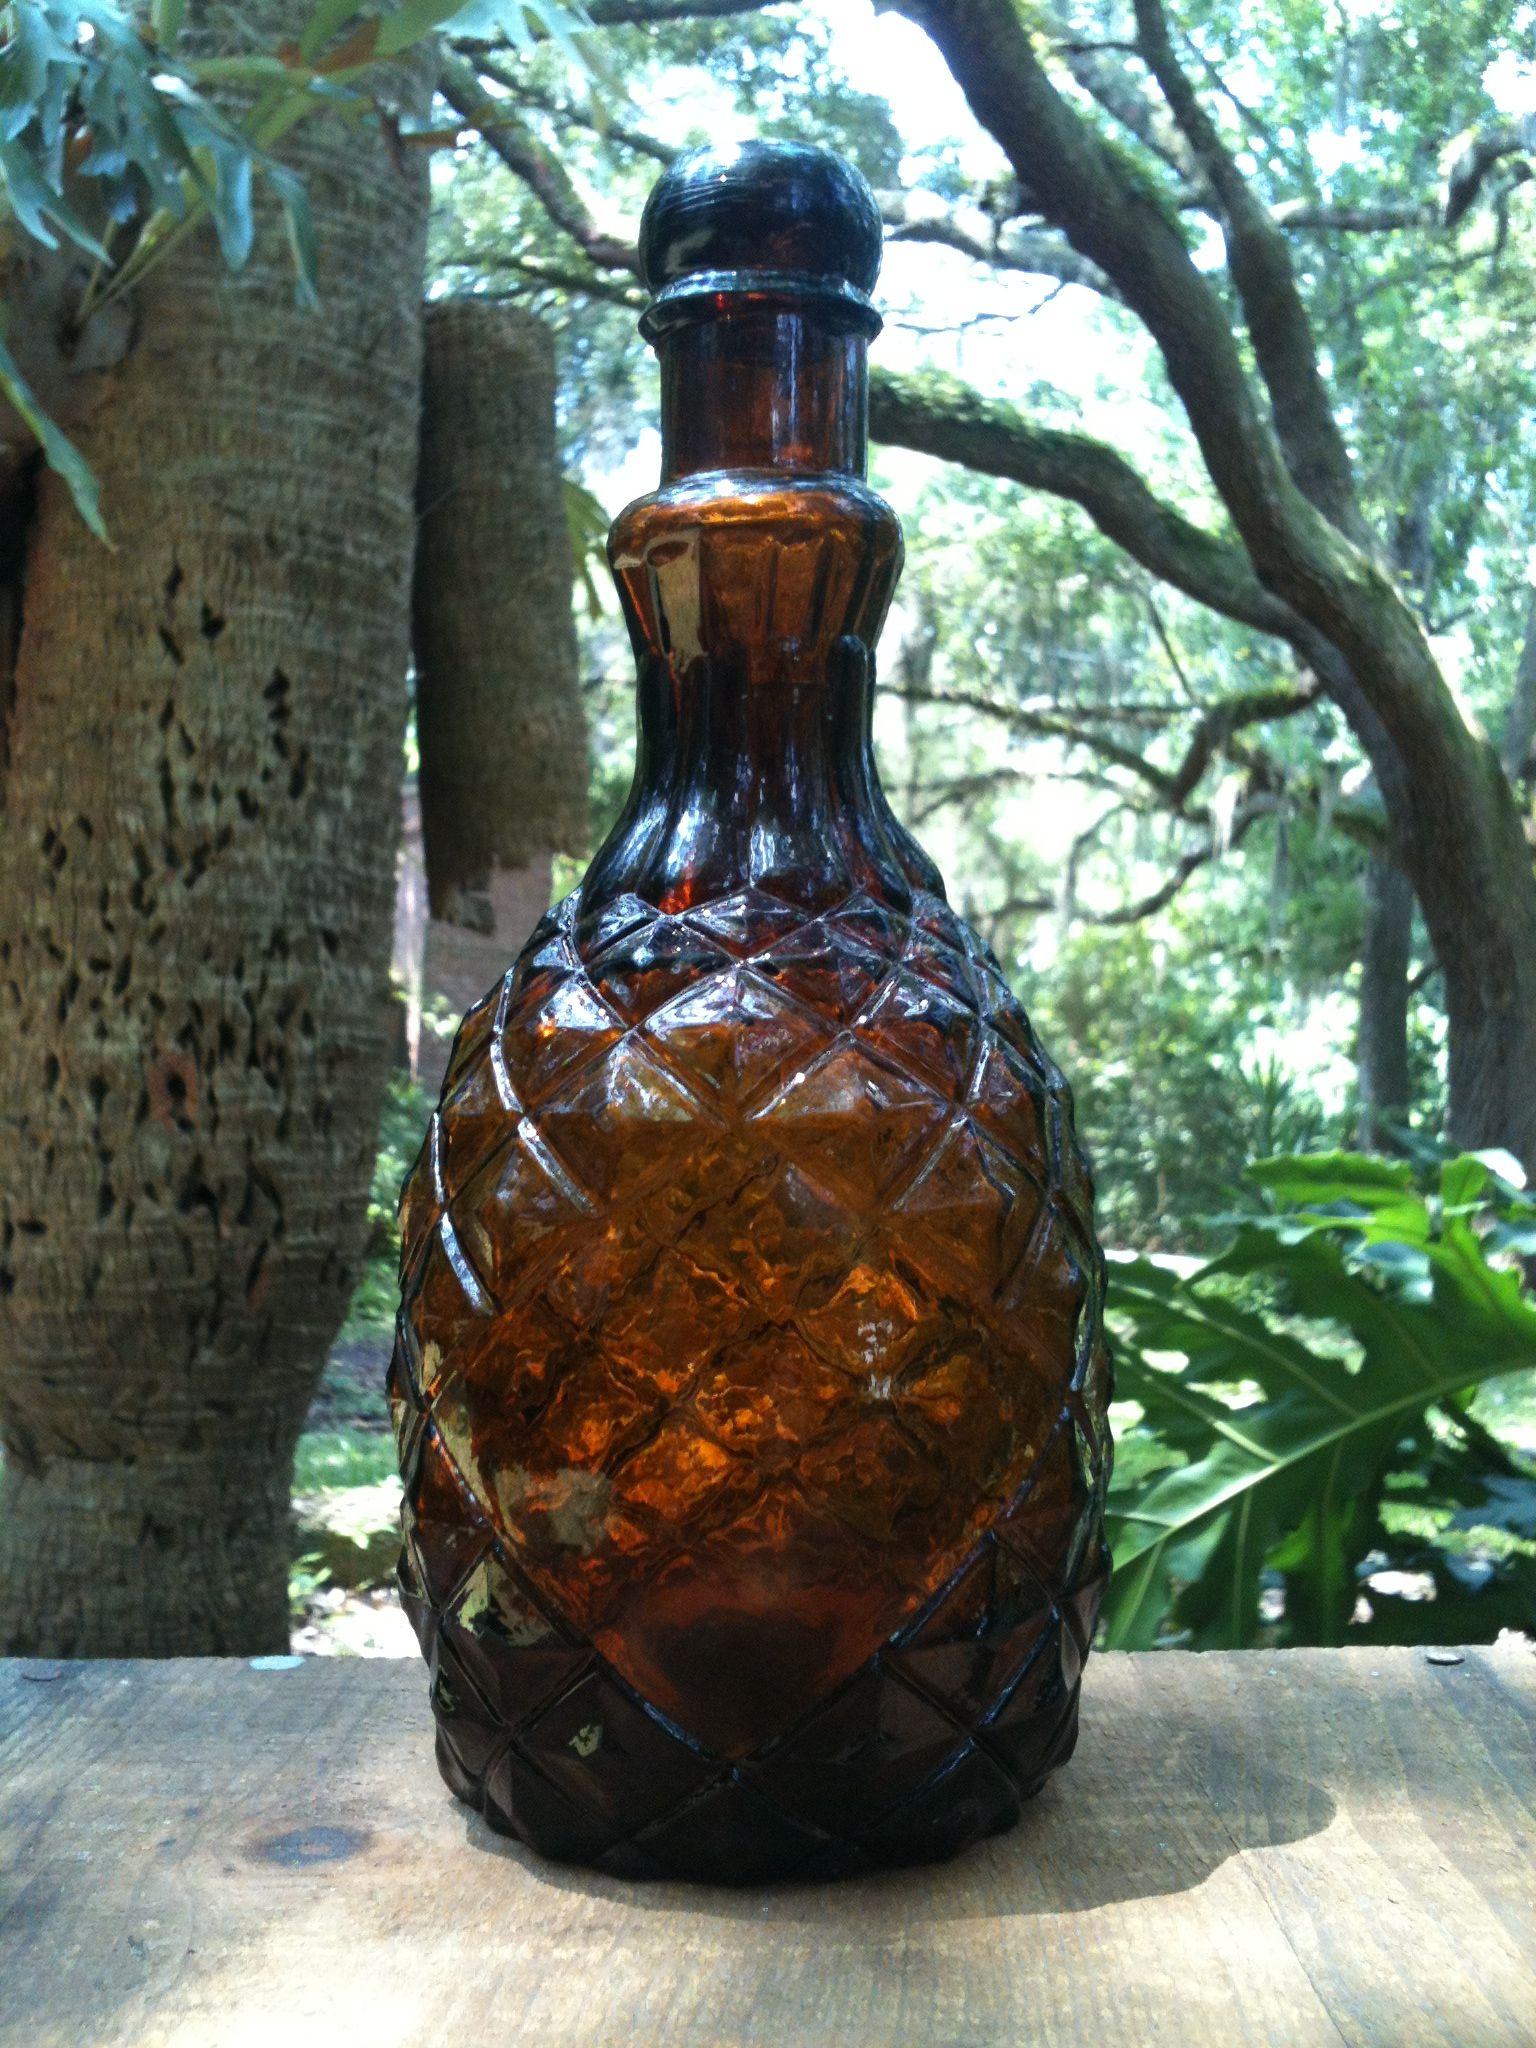 Pineapple bitters bottle circa 1870s old bottles